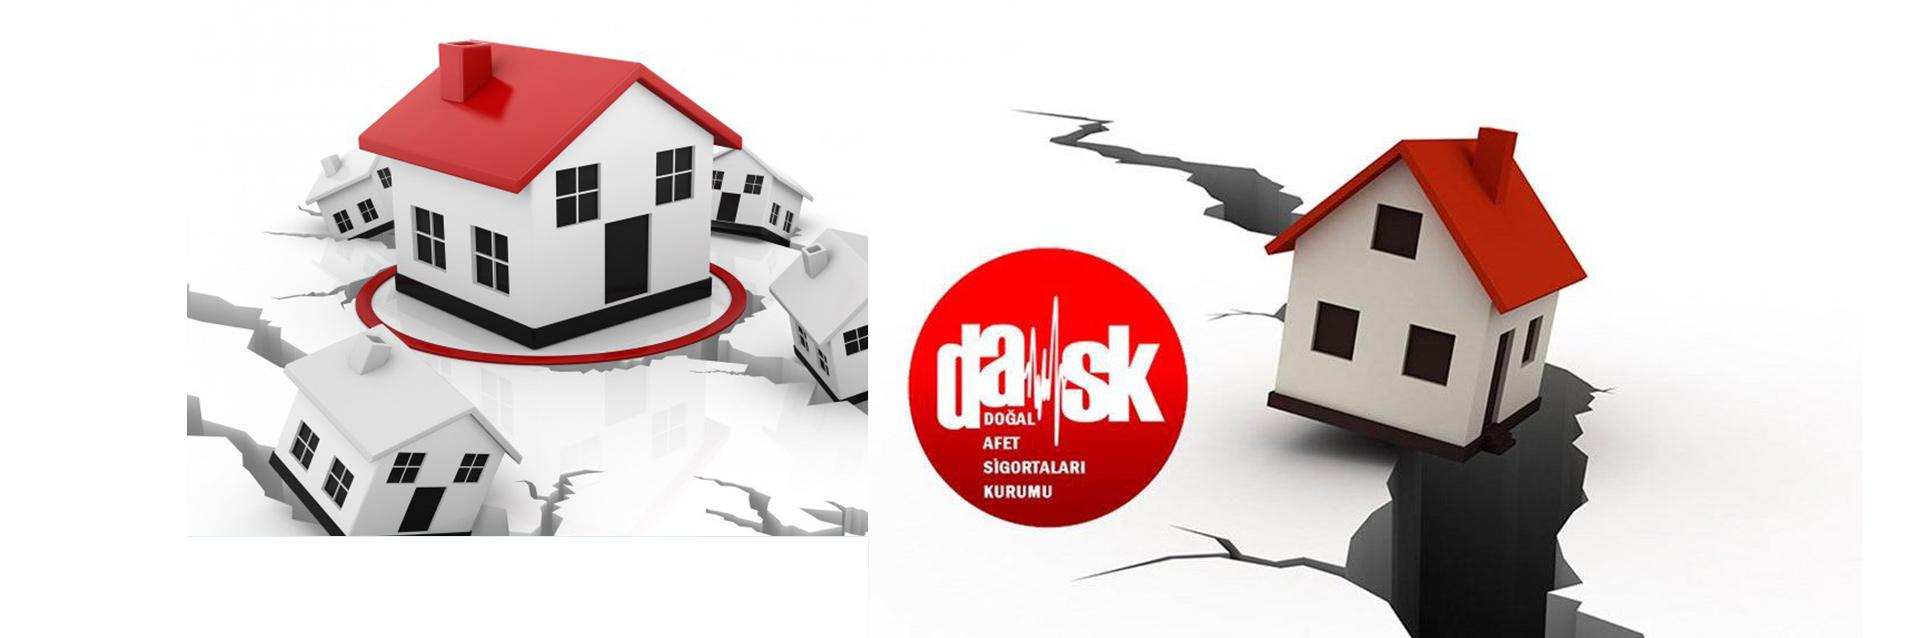 Dask-sigortası-1